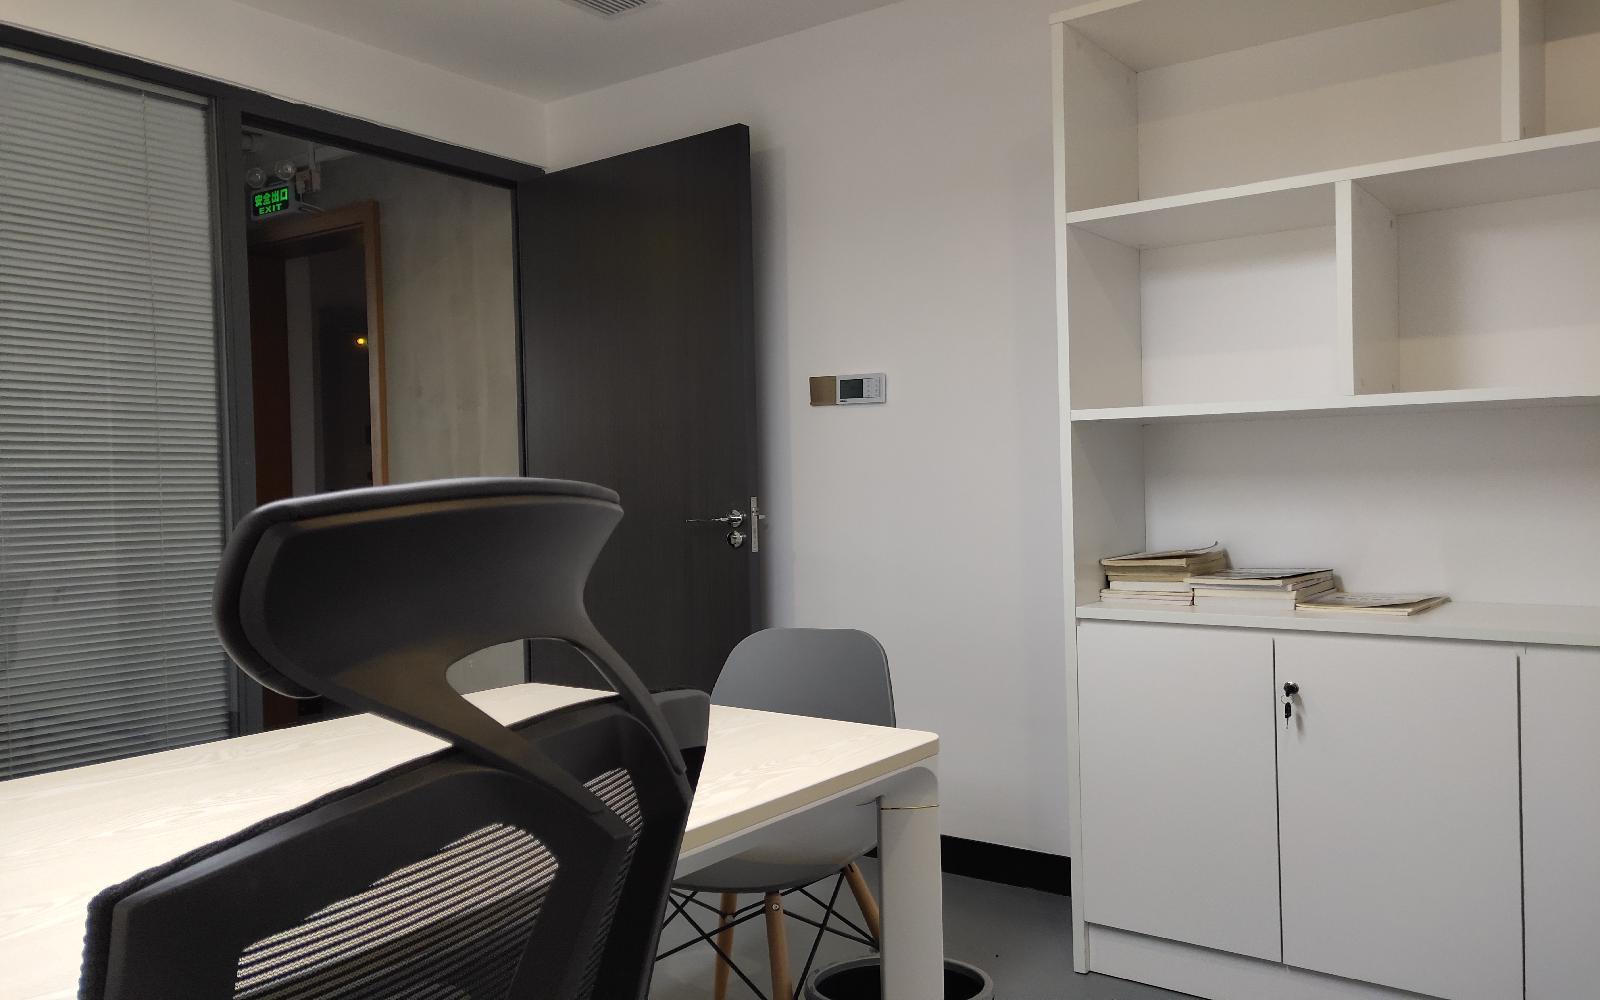 华荣大厦写字楼出租15平米精装办公室2000元/间.月